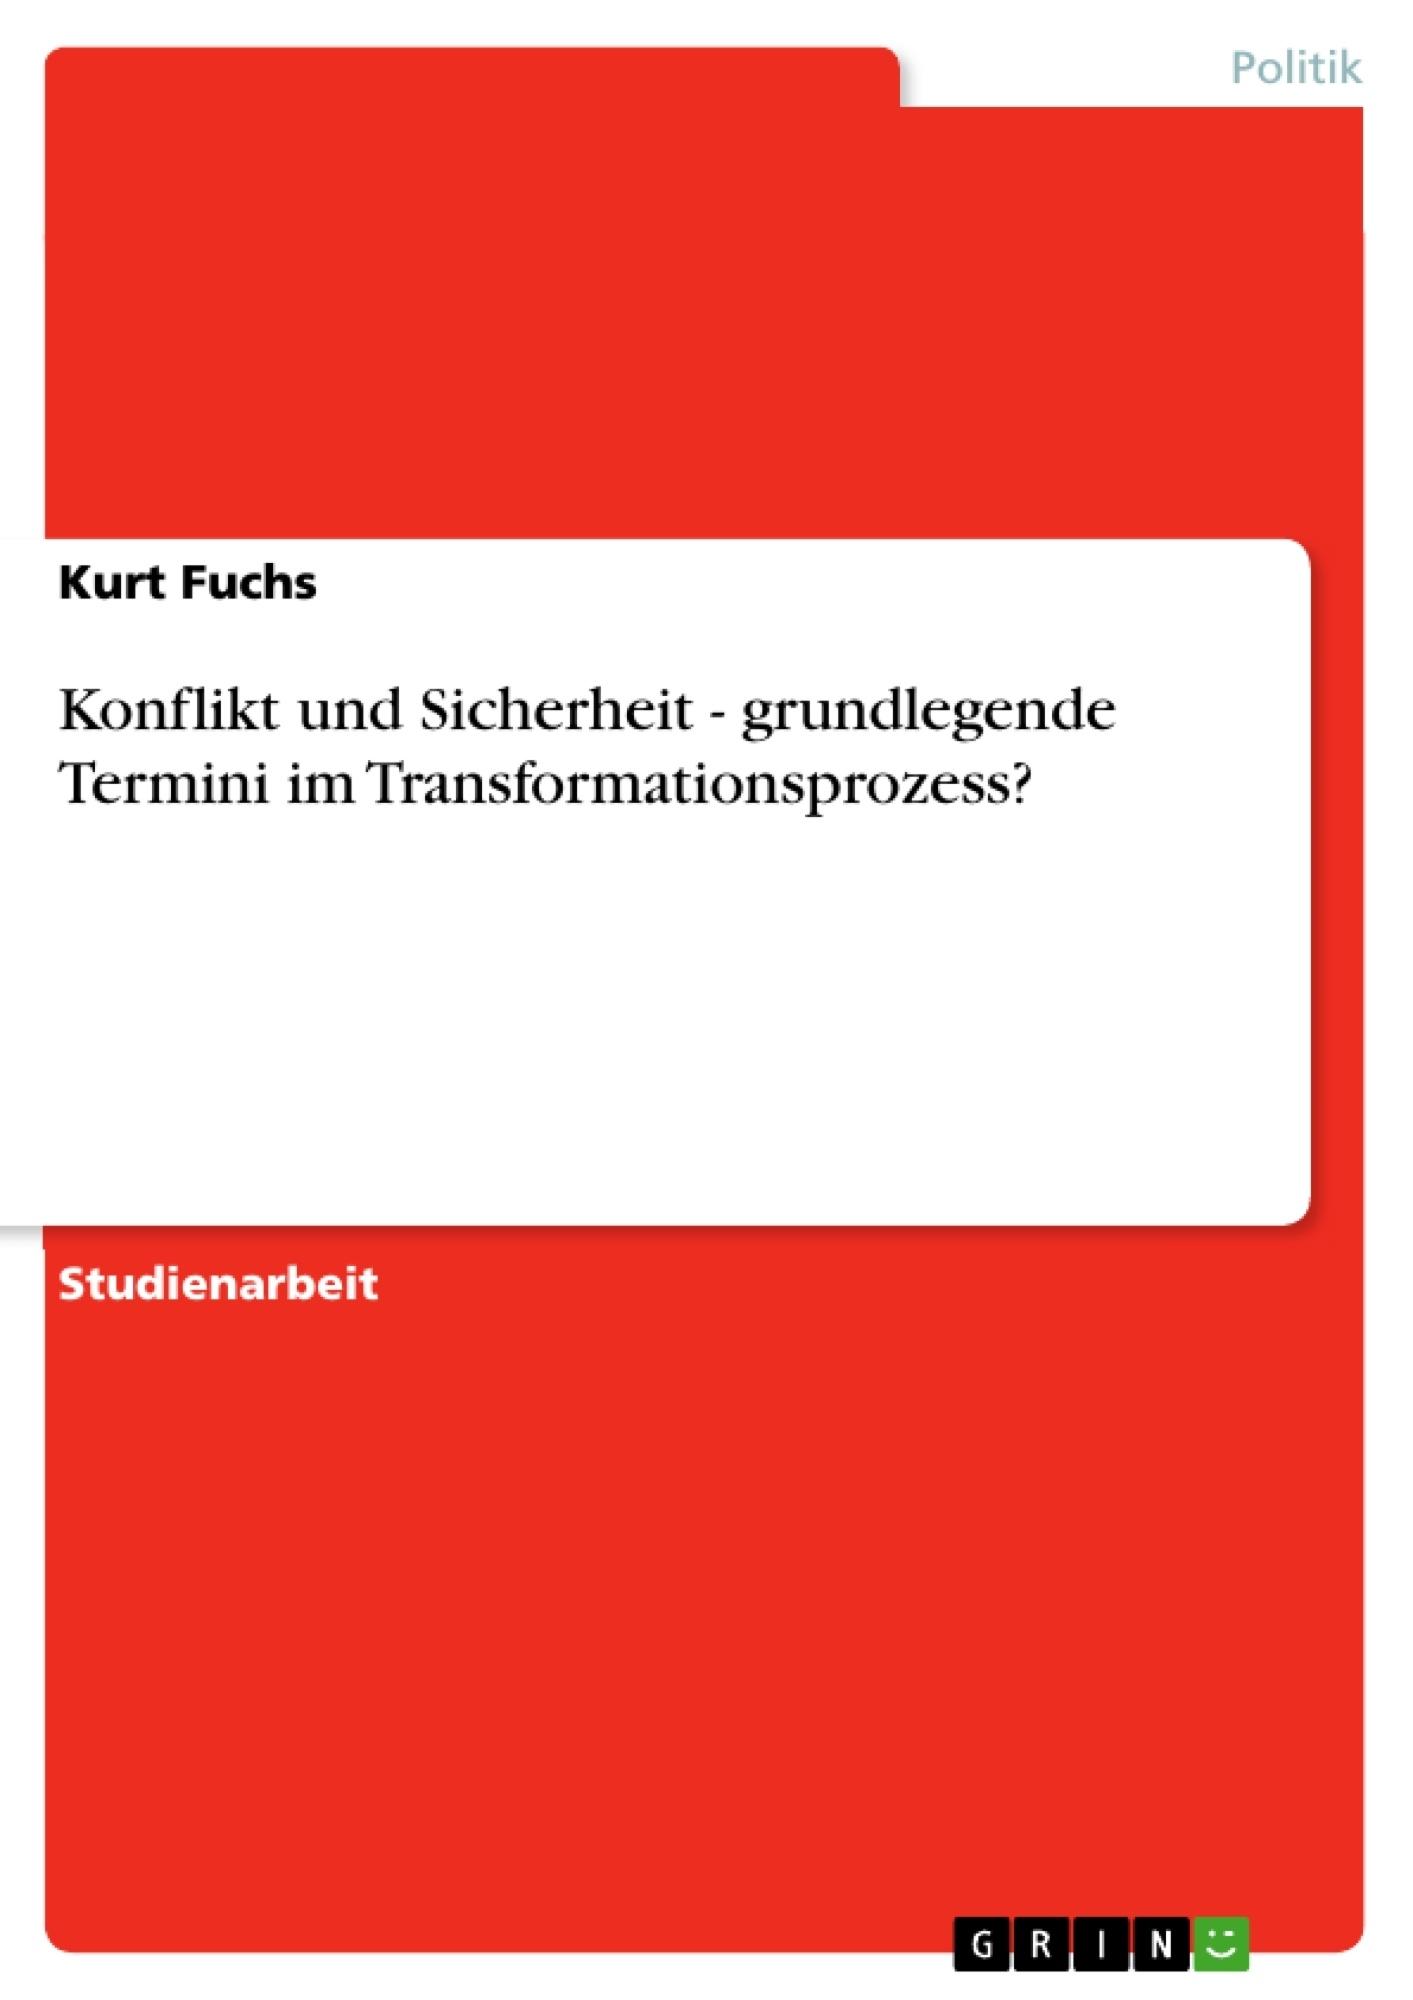 Titel: Konflikt und Sicherheit - grundlegende Termini im Transformationsprozess?